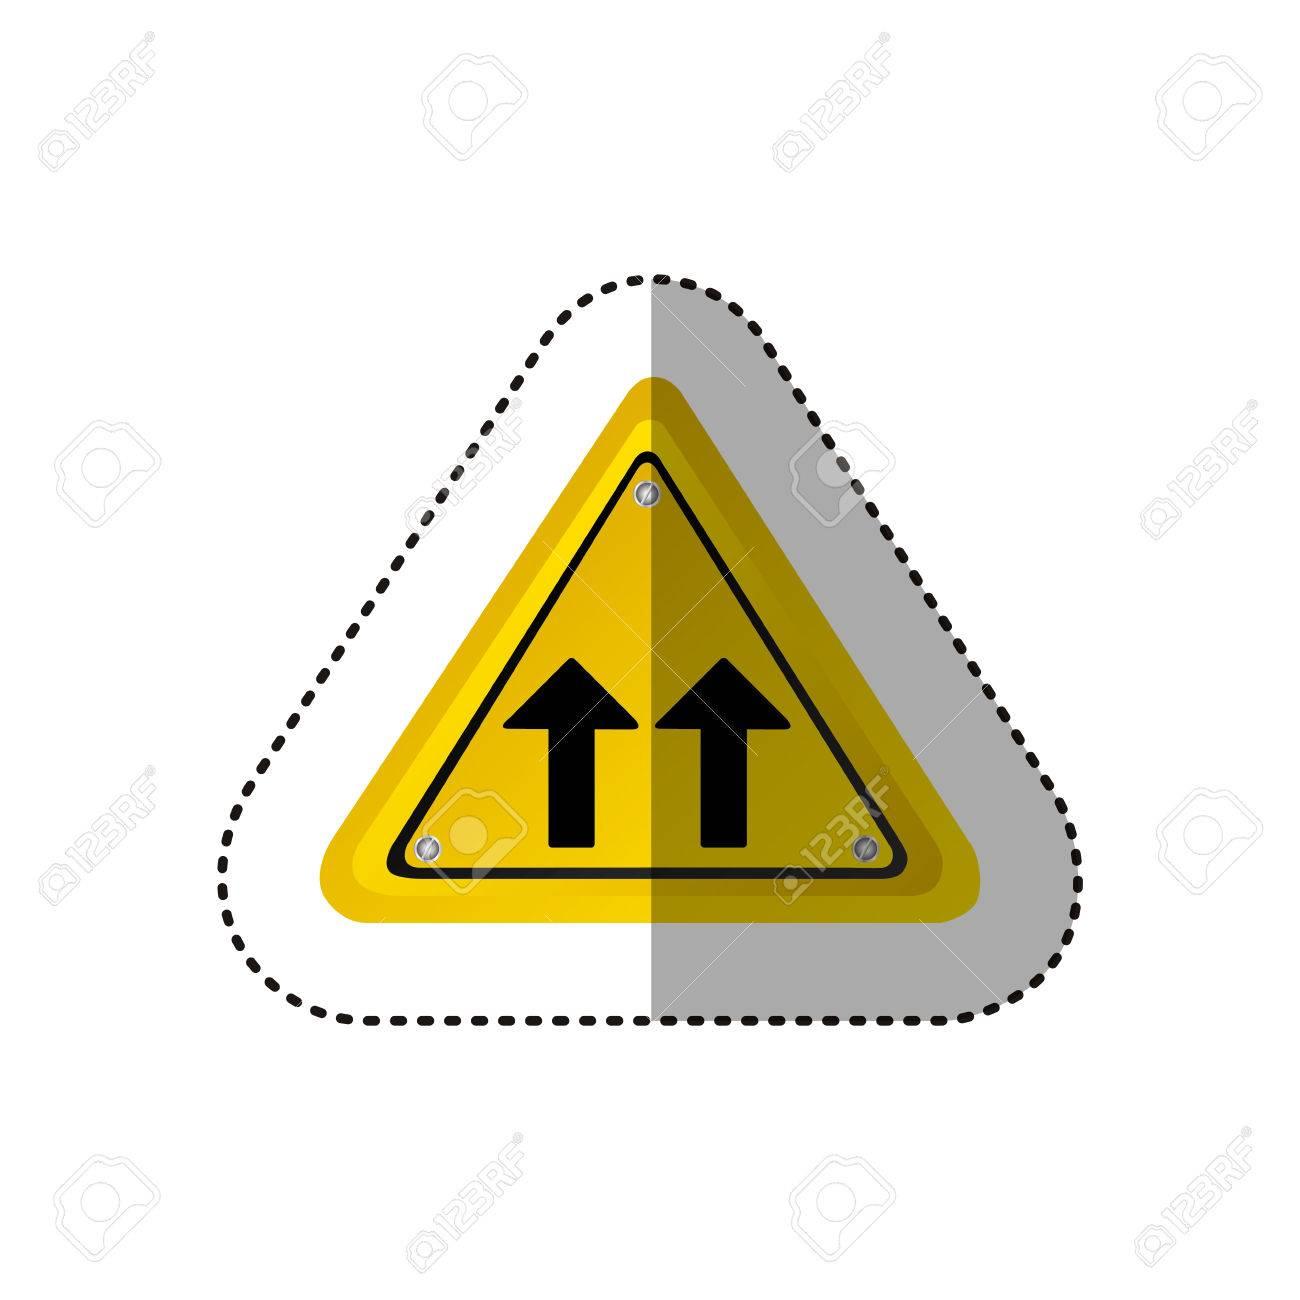 Aufkleber Metallisch Realistisch Gelb Dreieck Form Rahmen Gleiche ...